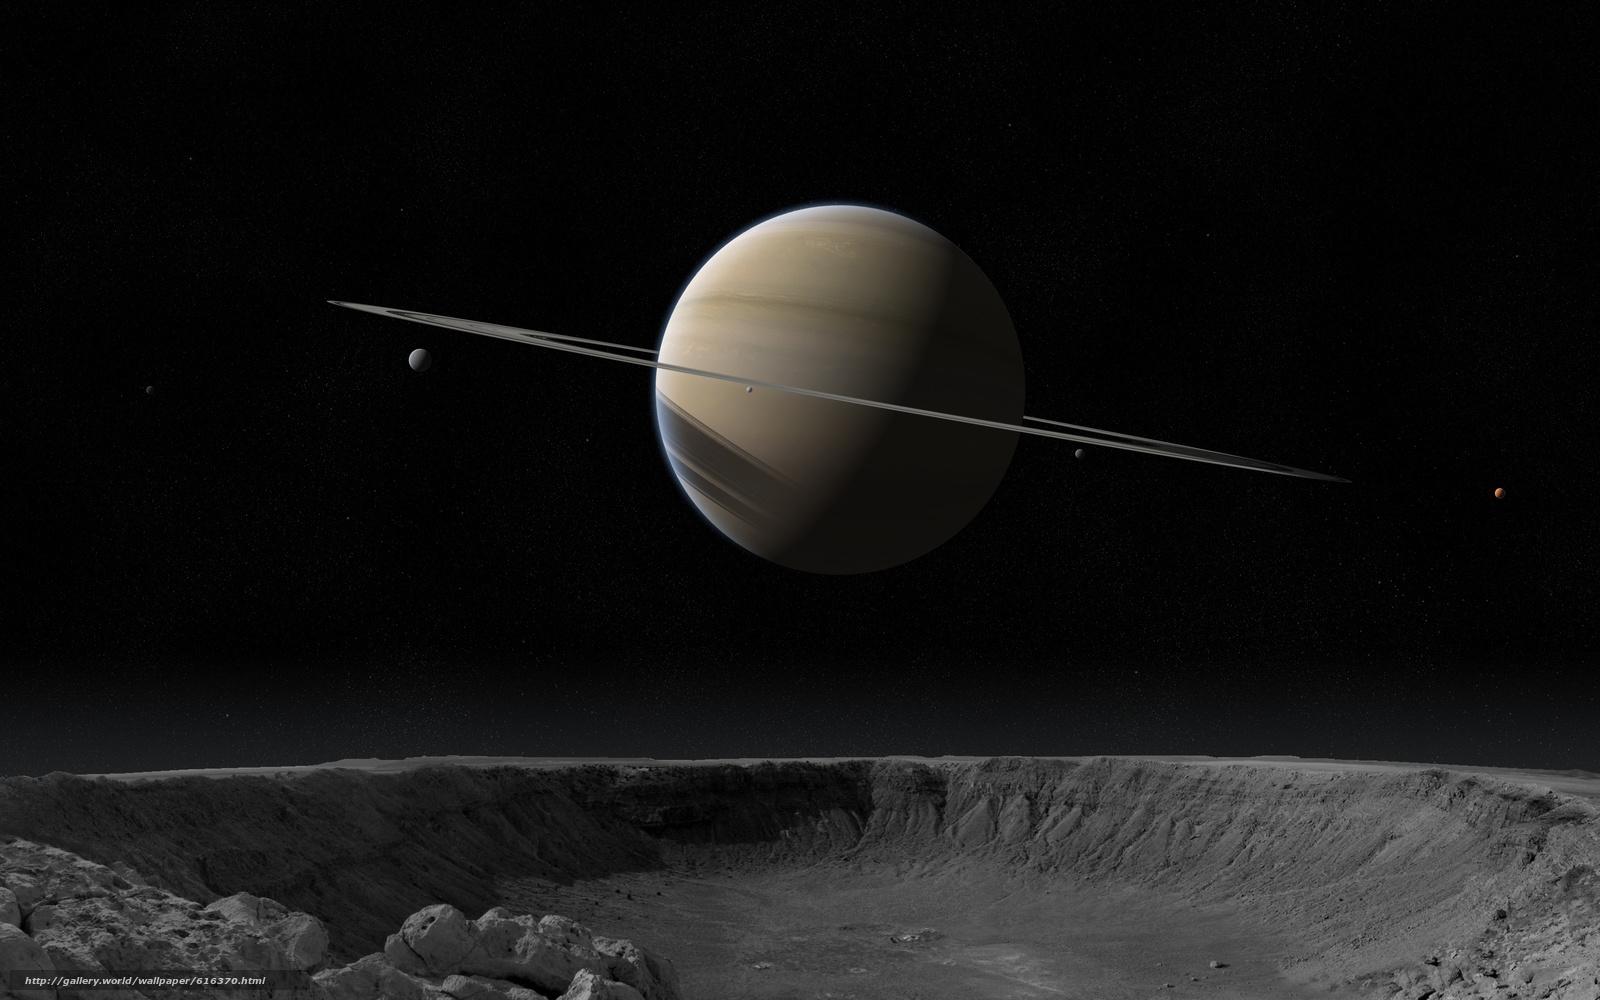 Скачать обои Сатурн,  планета,  спутник,  кратер бесплатно для рабочего стола в разрешении 4000x2500 — картинка №616370